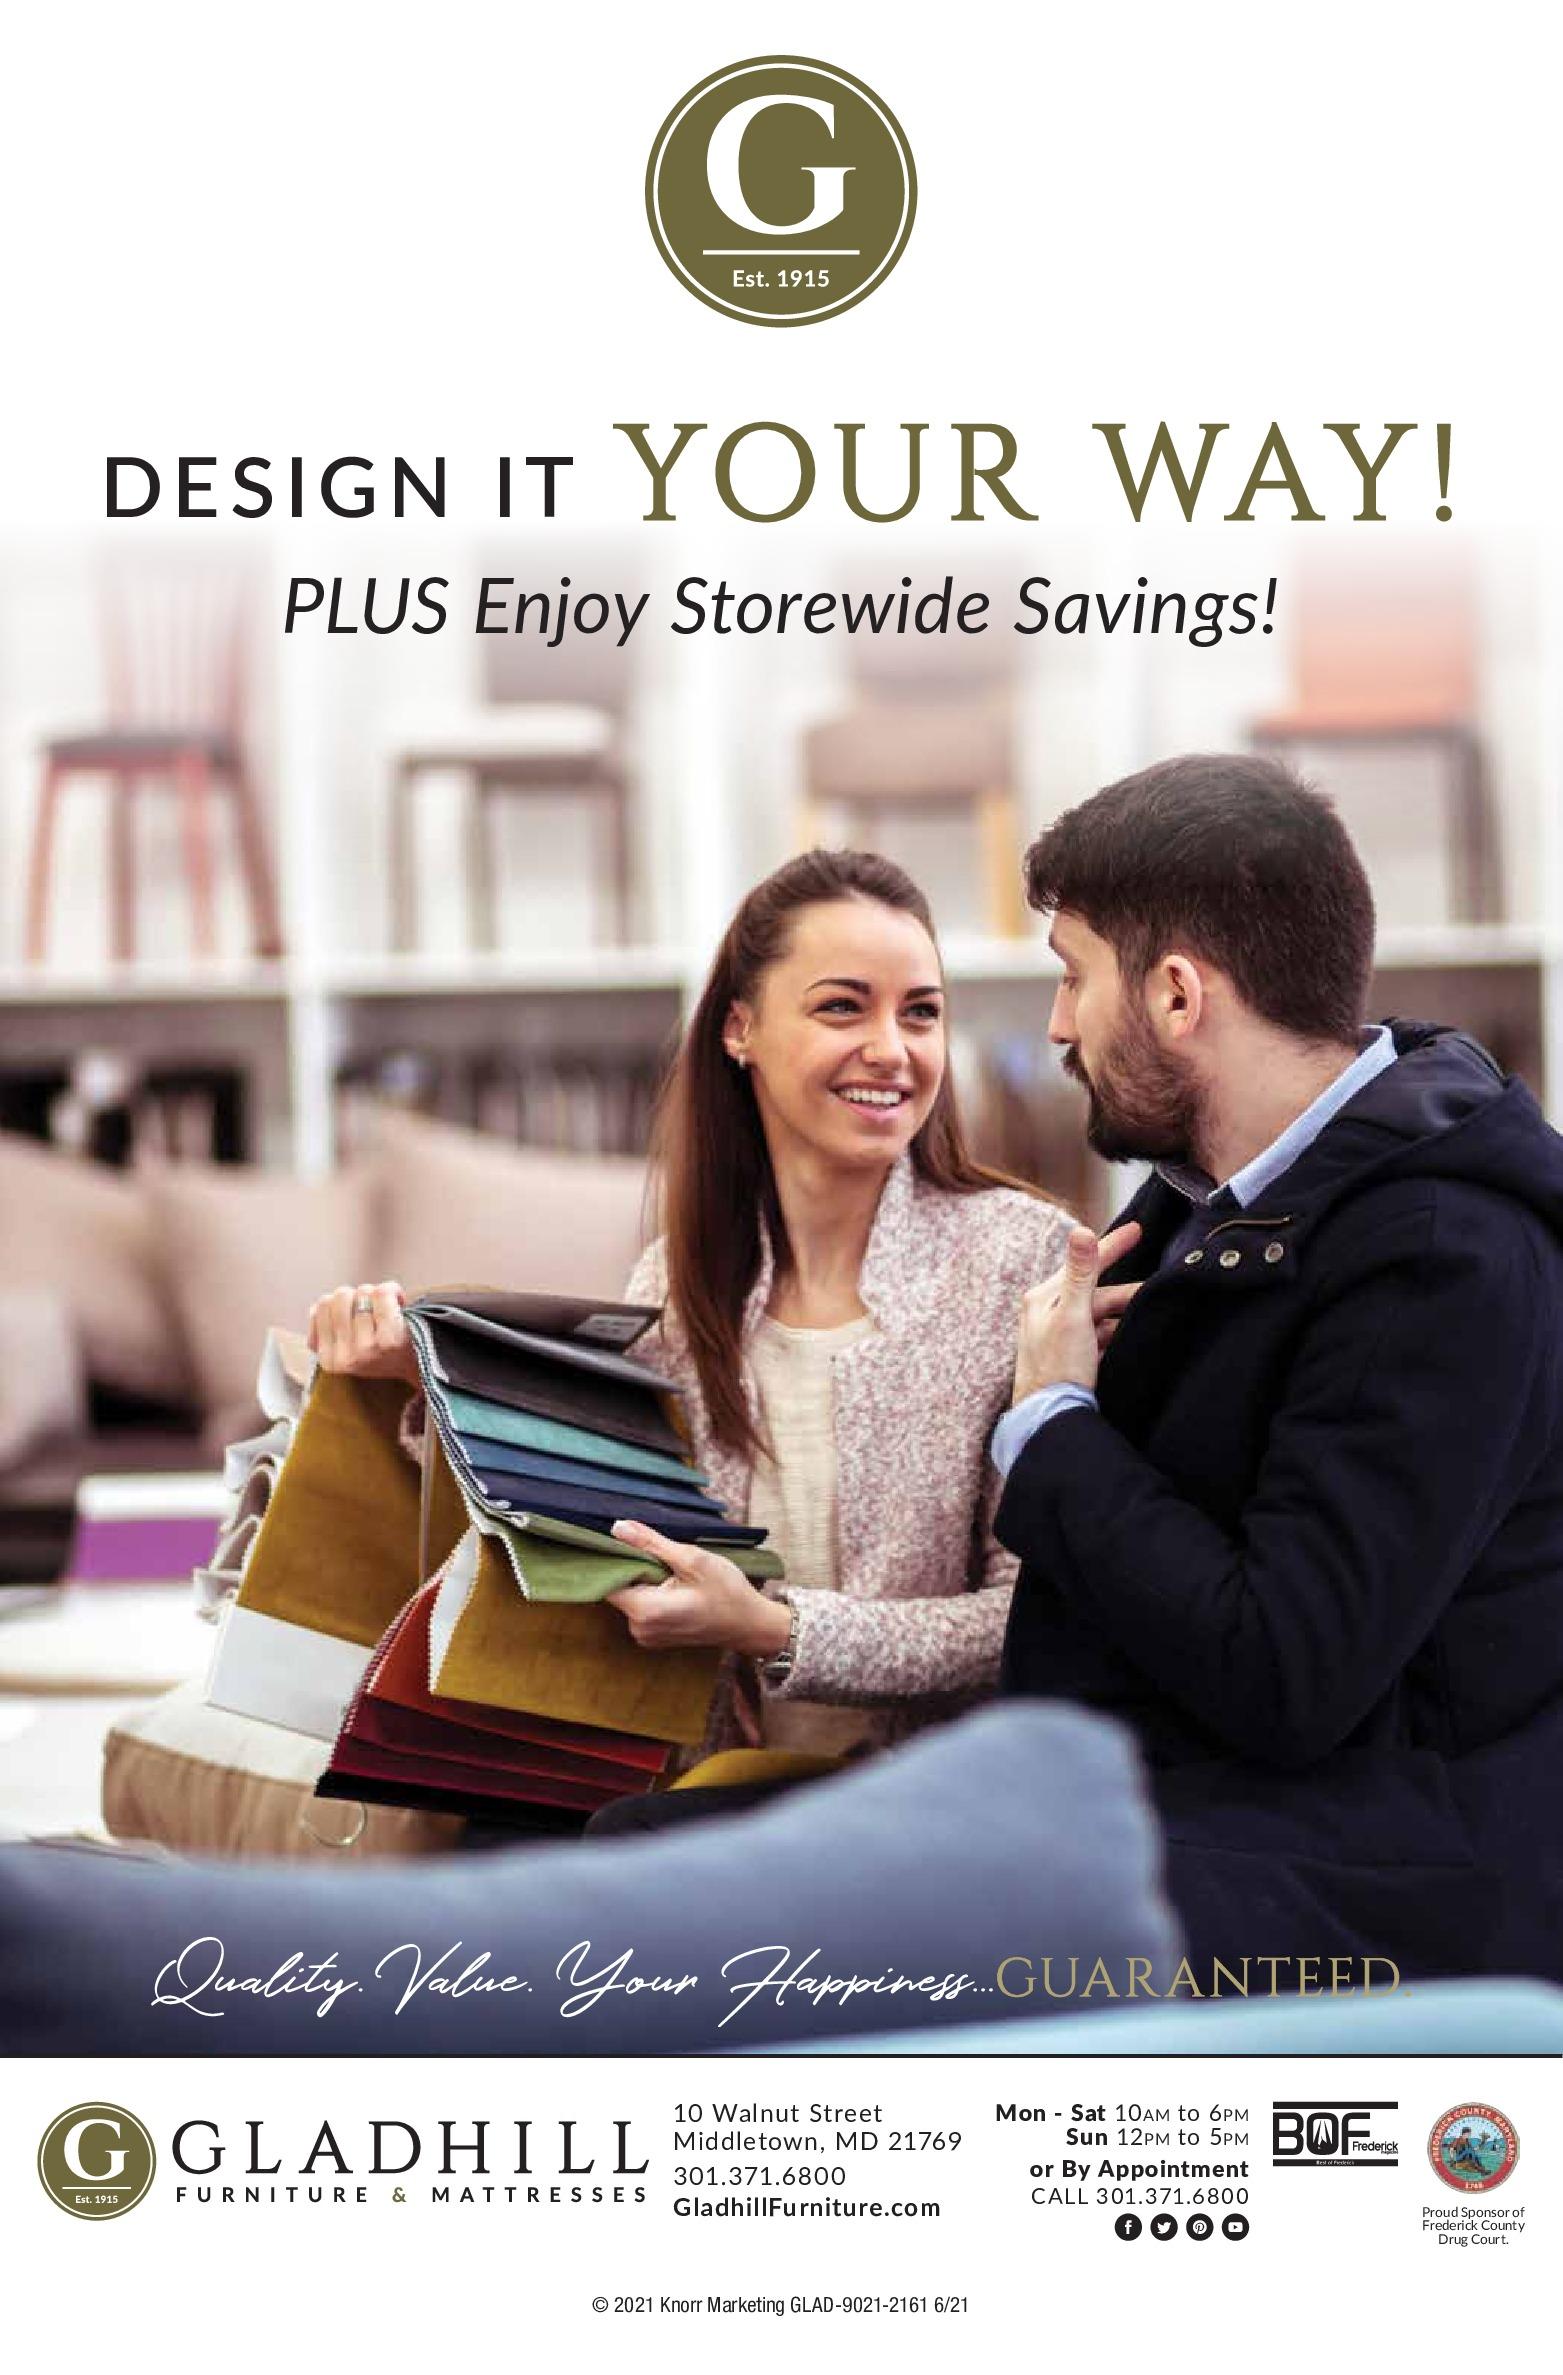 GLAD-9021-2161-DesignYourWay-WebSpcl (1)